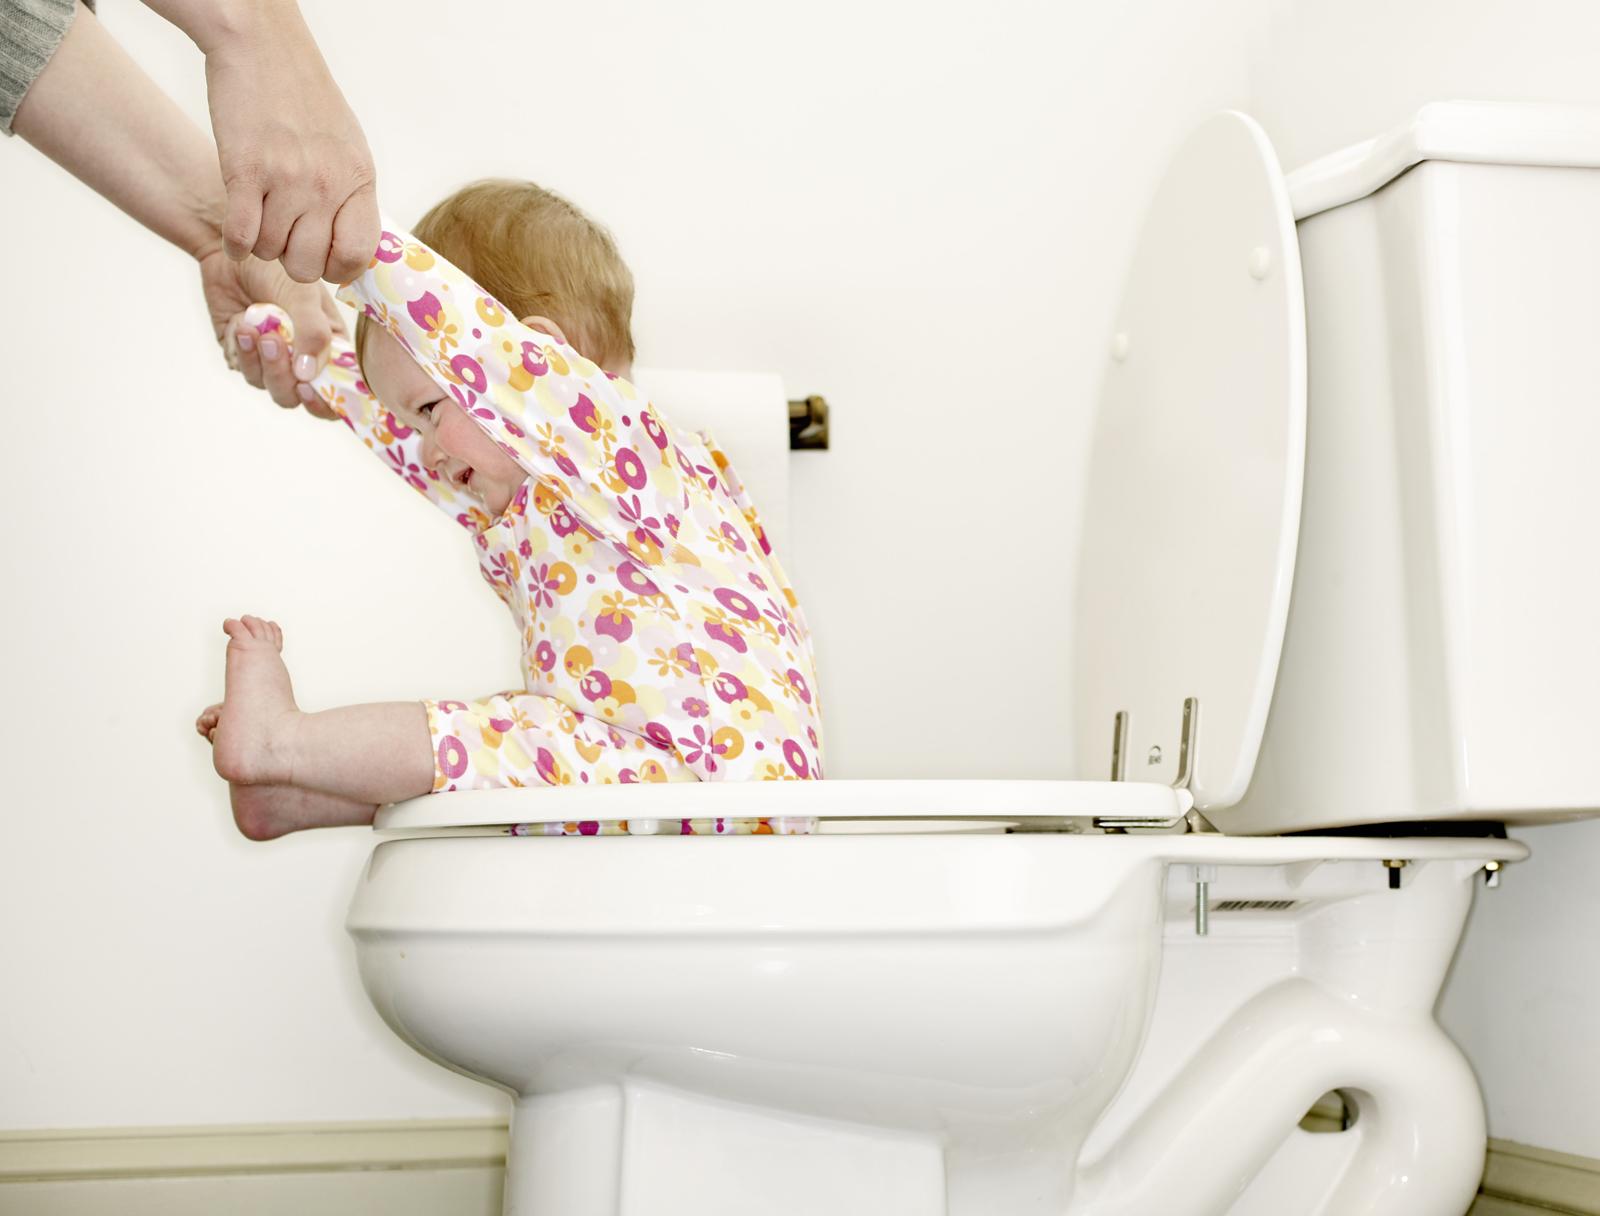 Eltern müssen windelfreie Kinder gut unterstützen: Ein Baby auf dem WC. Foto: Getty Images